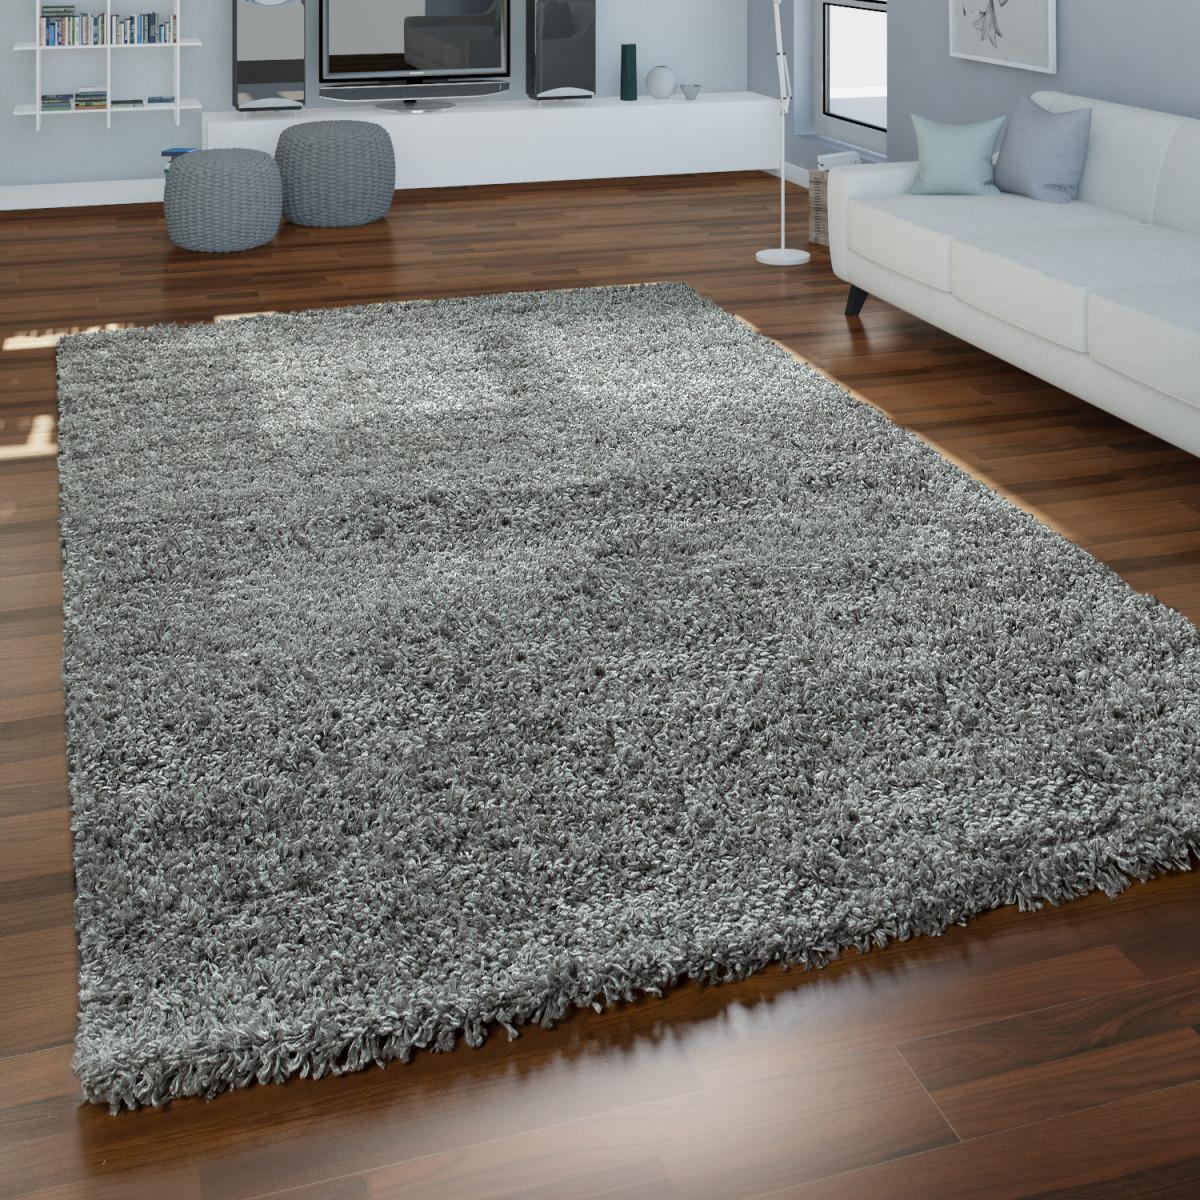 Grauer Hochflor Teppich Wohnzimmer Shaggy Flauschig Weich Strapazierfähig von Hochflor Teppich Wohnzimmer Bild